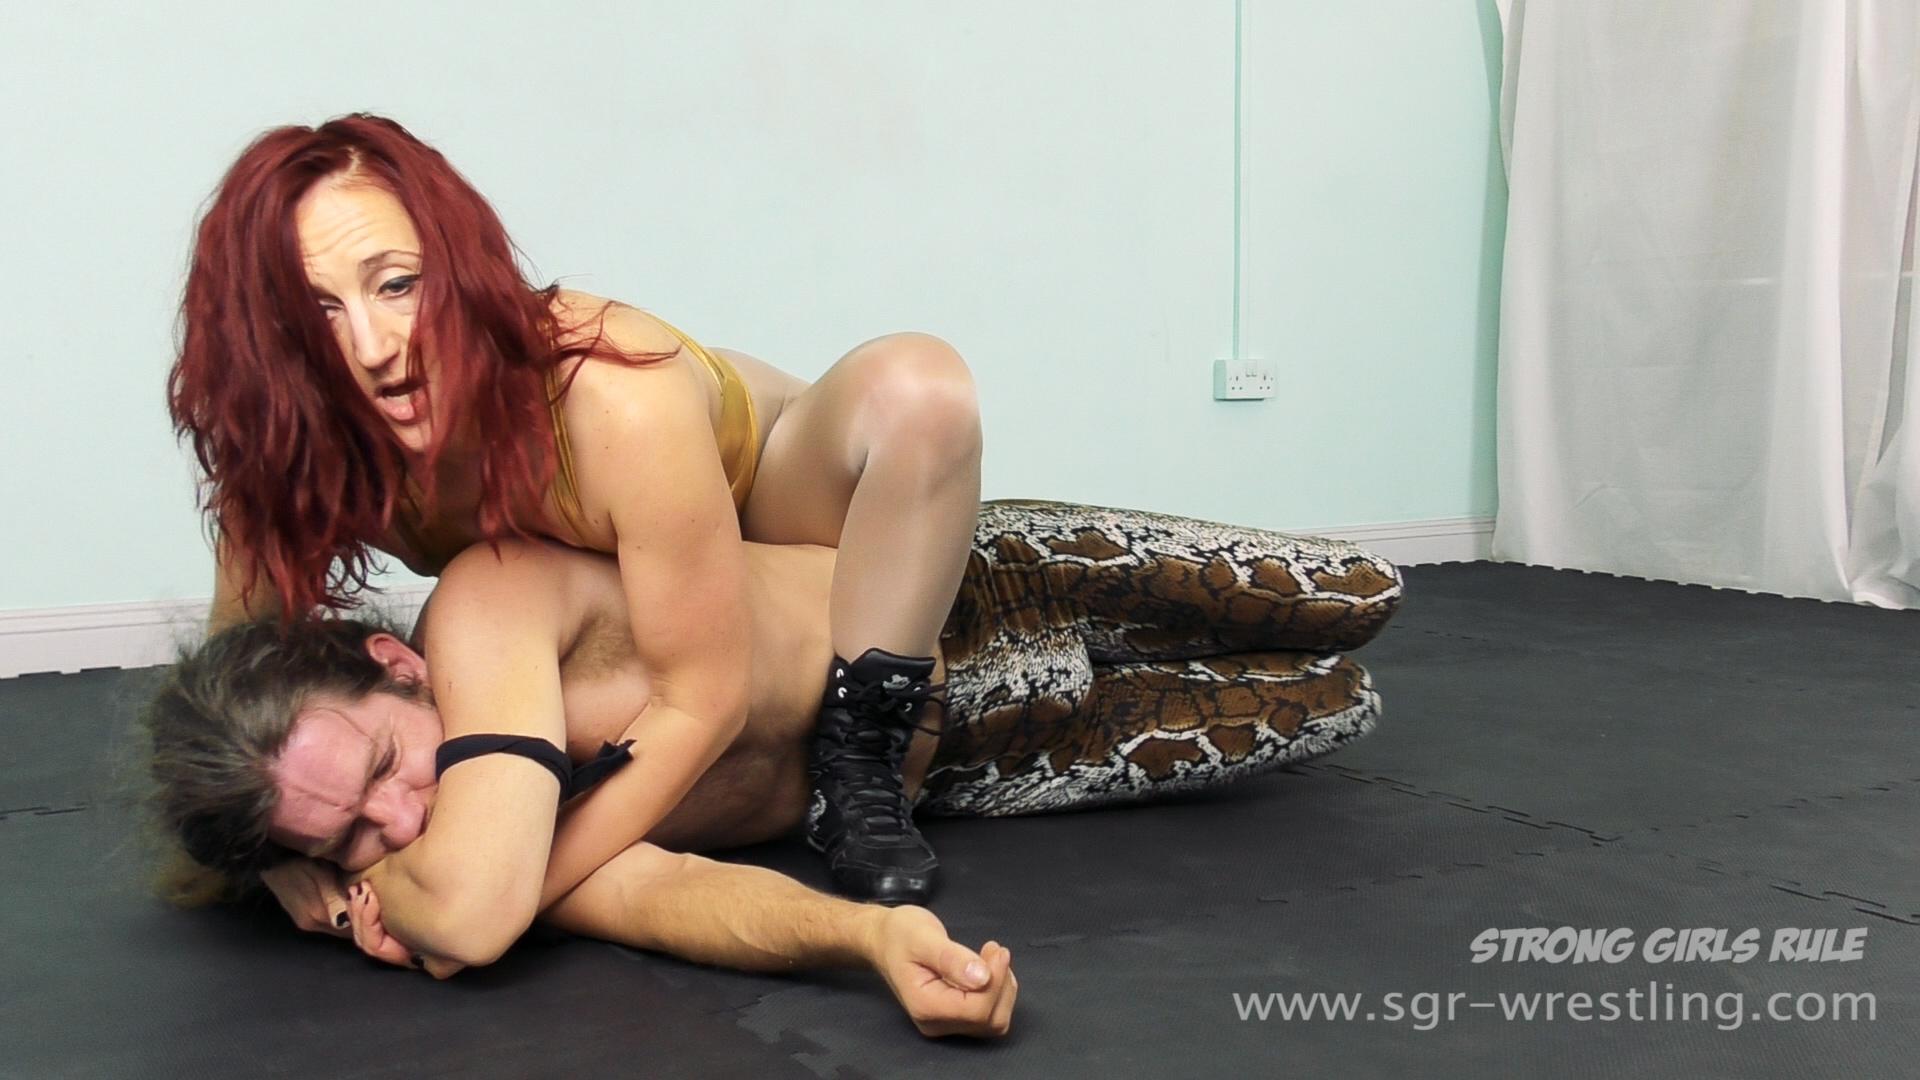 SGR0134